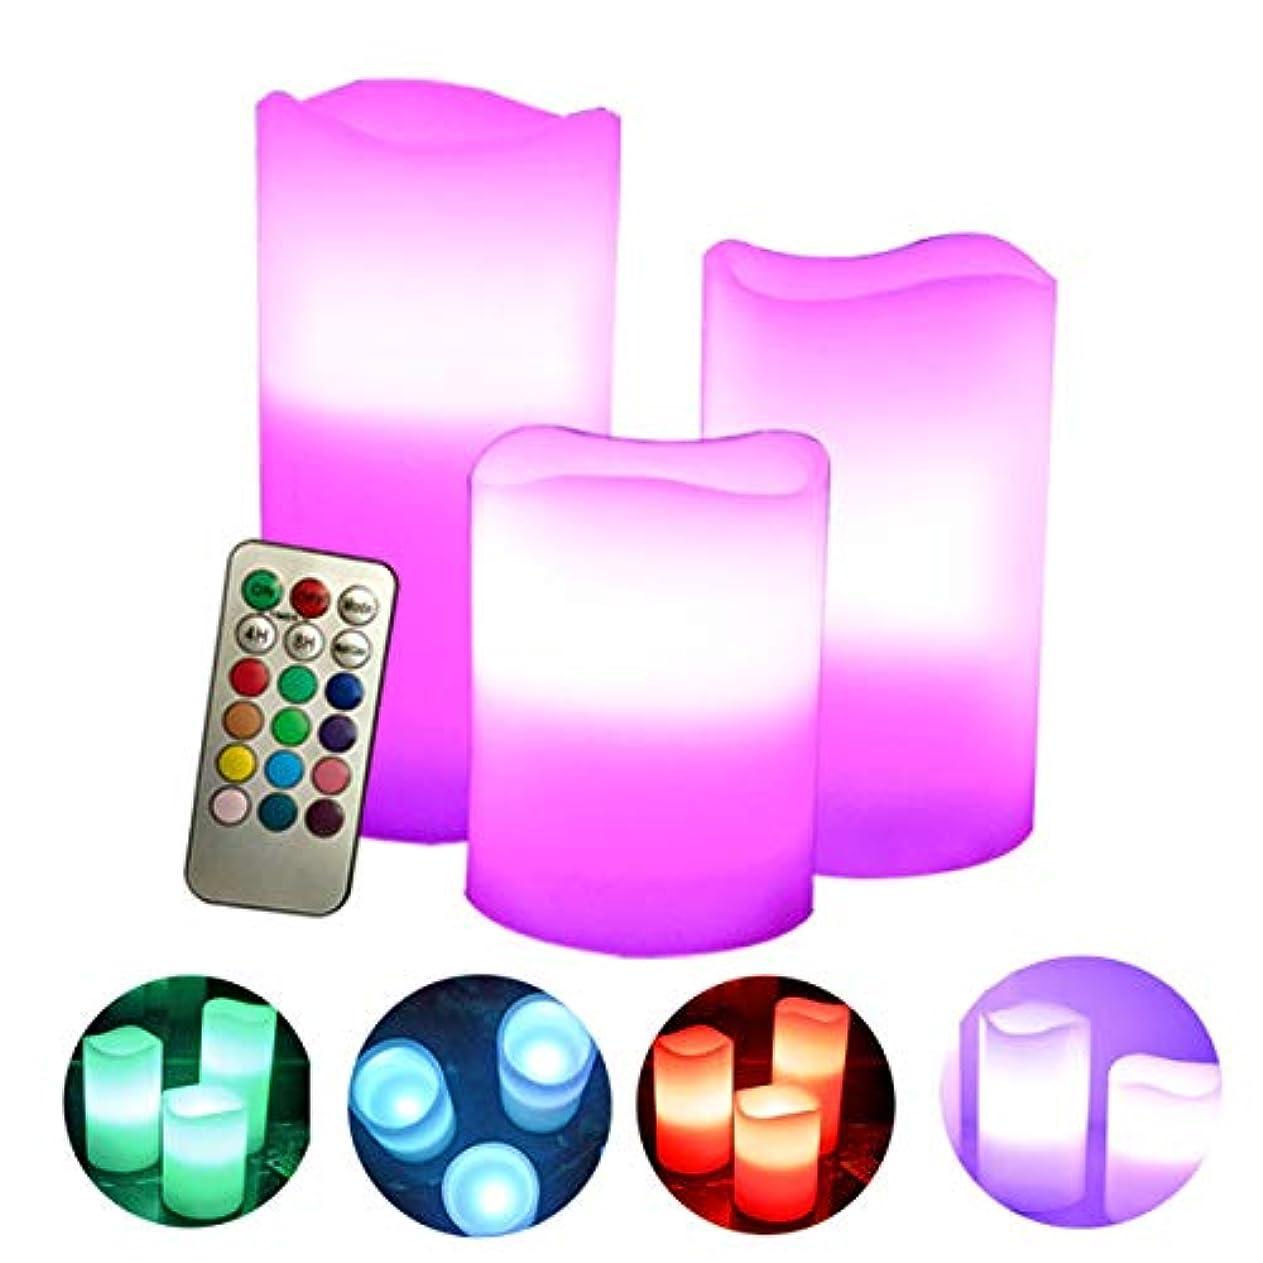 主婦野な世代フレームレスキャンドルには、18キーのリモートコントロールタイマー付きのちらつきLED炎が含まれますカラフルな電子キャンドルライト3個セット